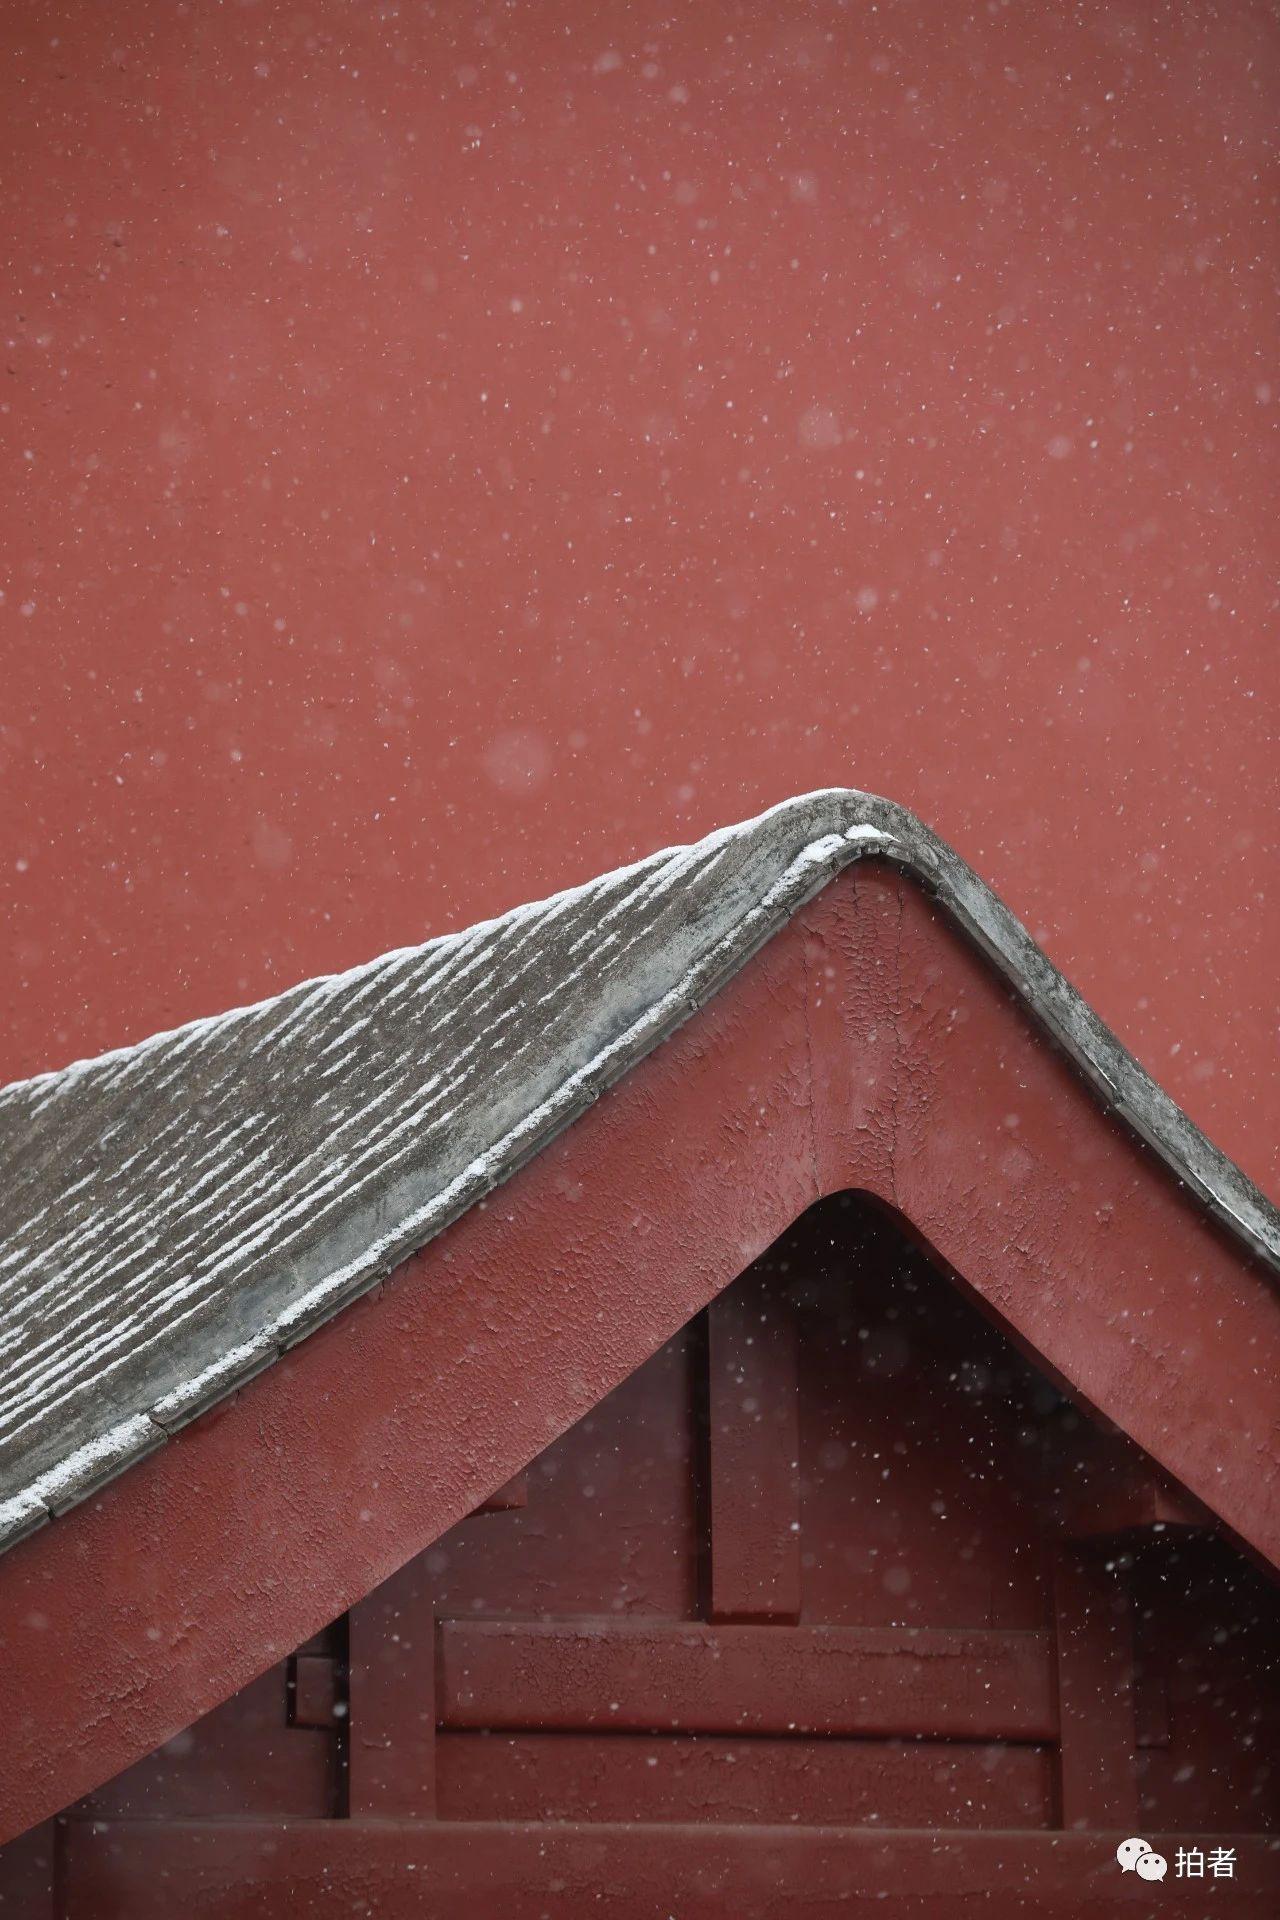 北京初雪最全图集来了!一文看遍城里城外 最新热点 第9张